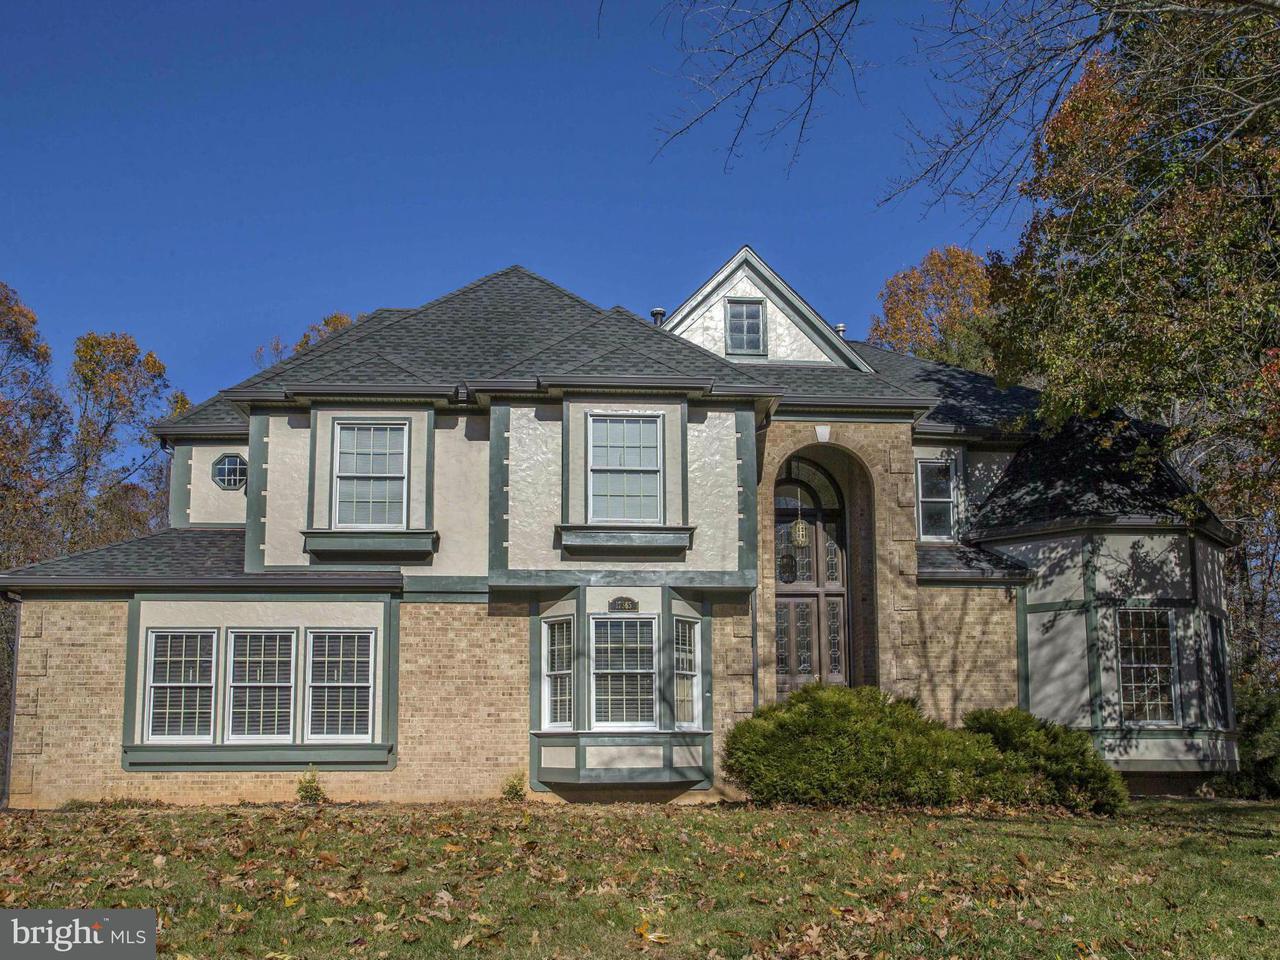 独户住宅 为 销售 在 17365 Berkshire Drive 17365 Berkshire Drive Jeffersonton, 弗吉尼亚州 22724 美国